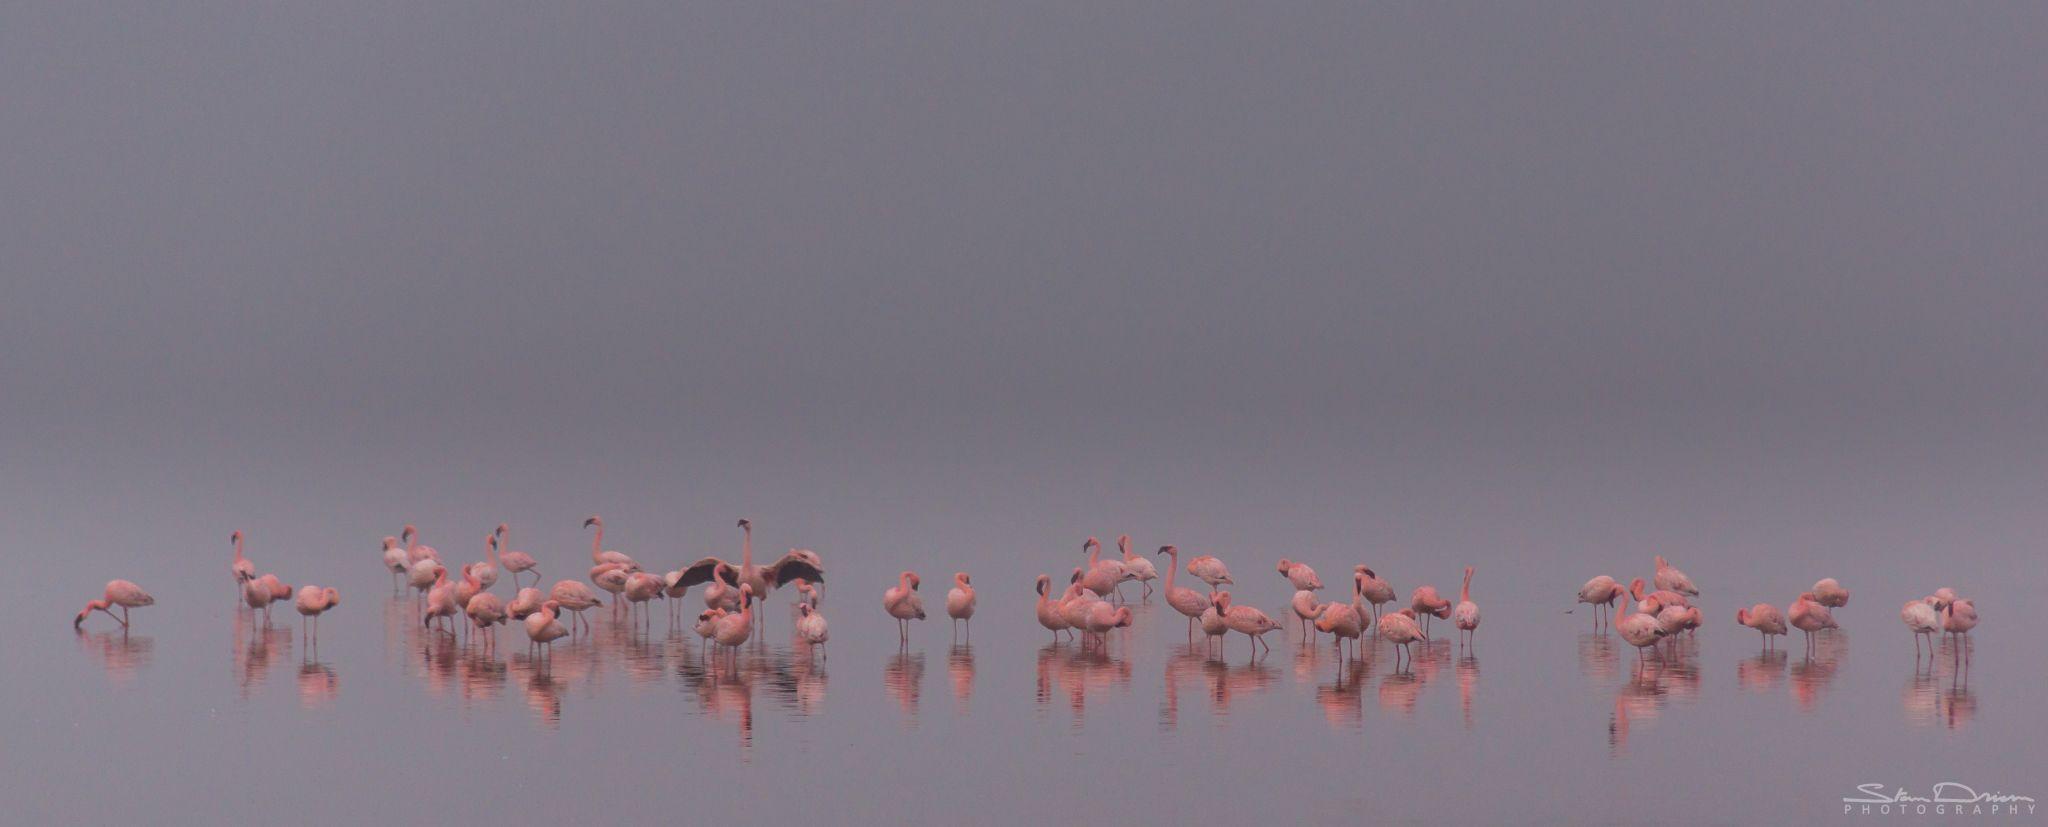 Flamingo gathering, Namibia